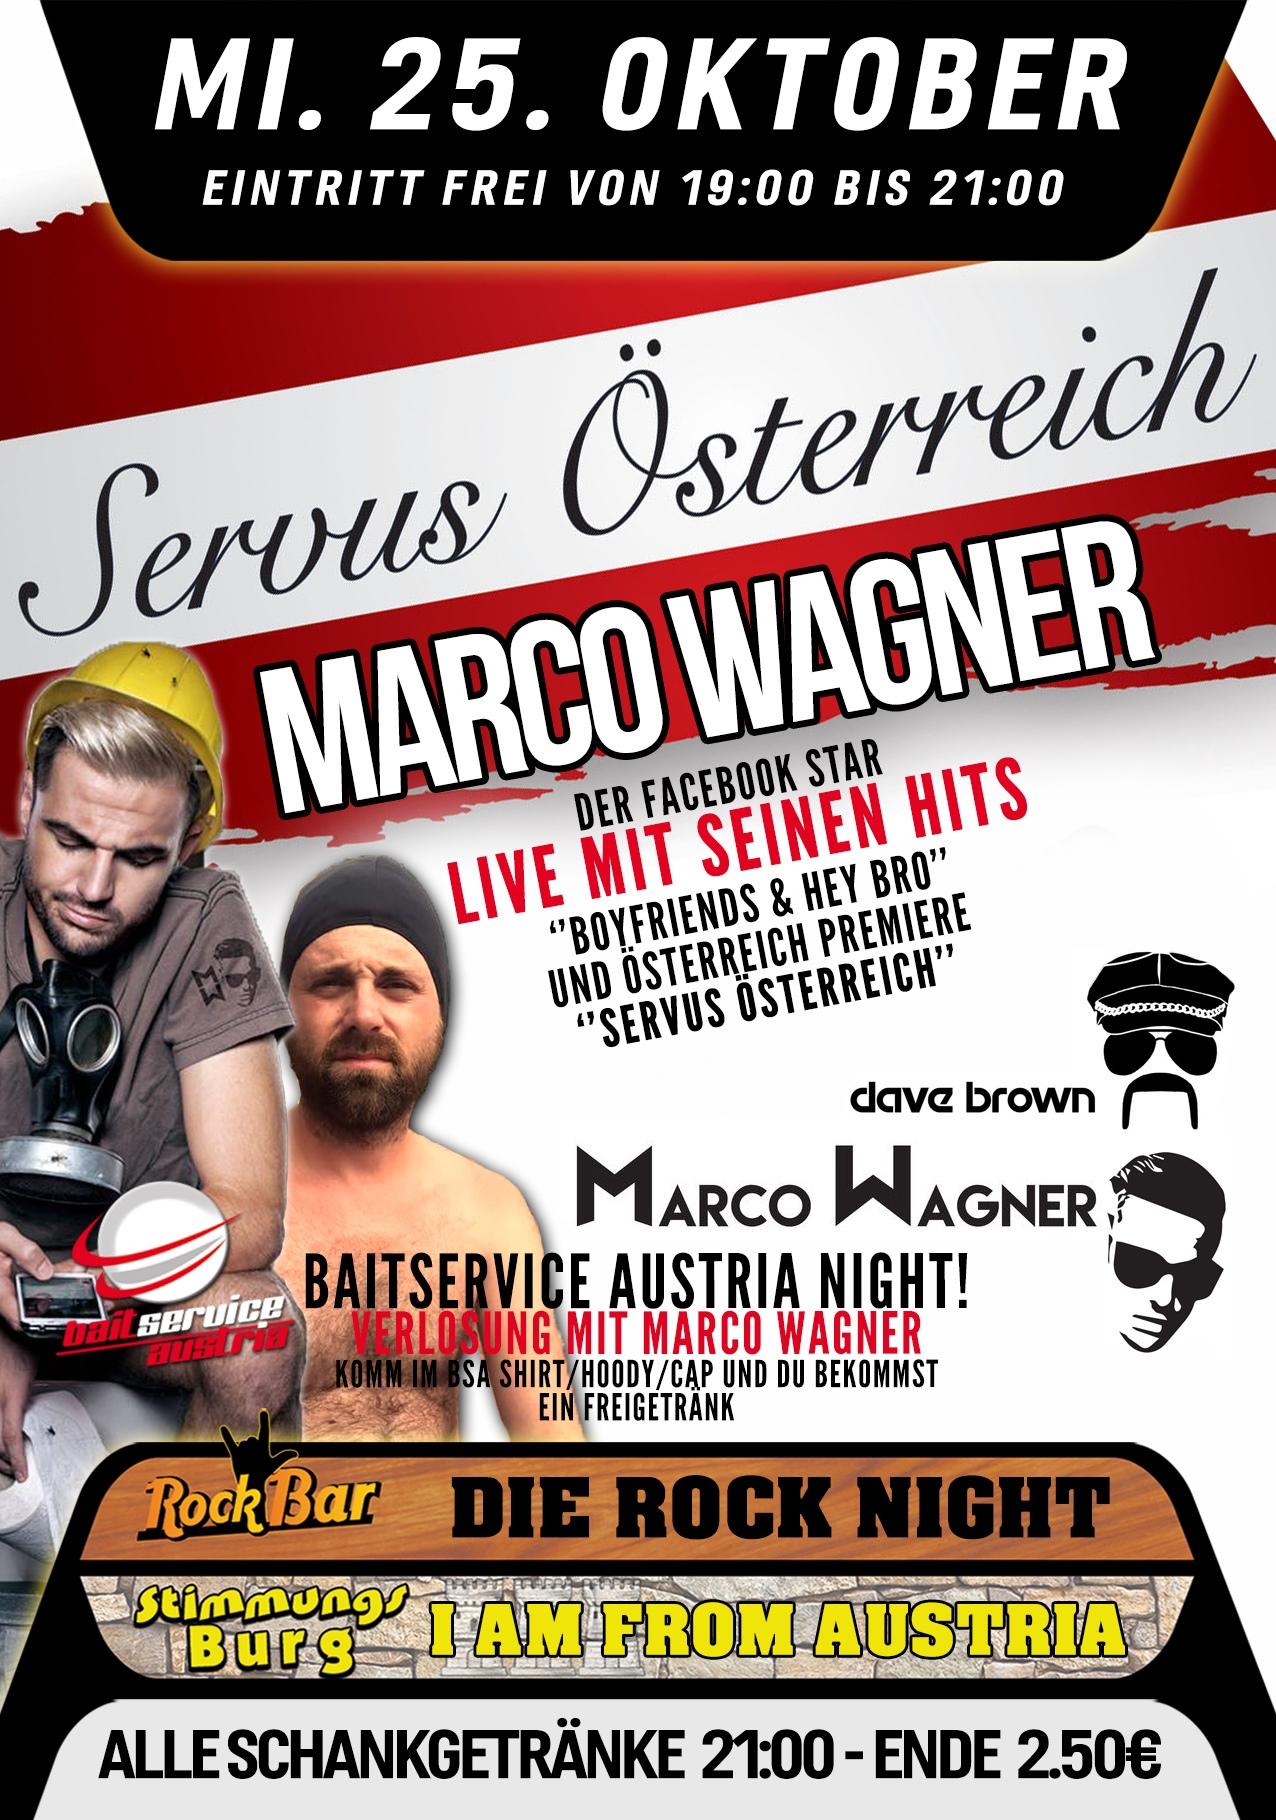 Marco Wagner & Dave Brown Live! Österreich Premiere - Servus Österreich!